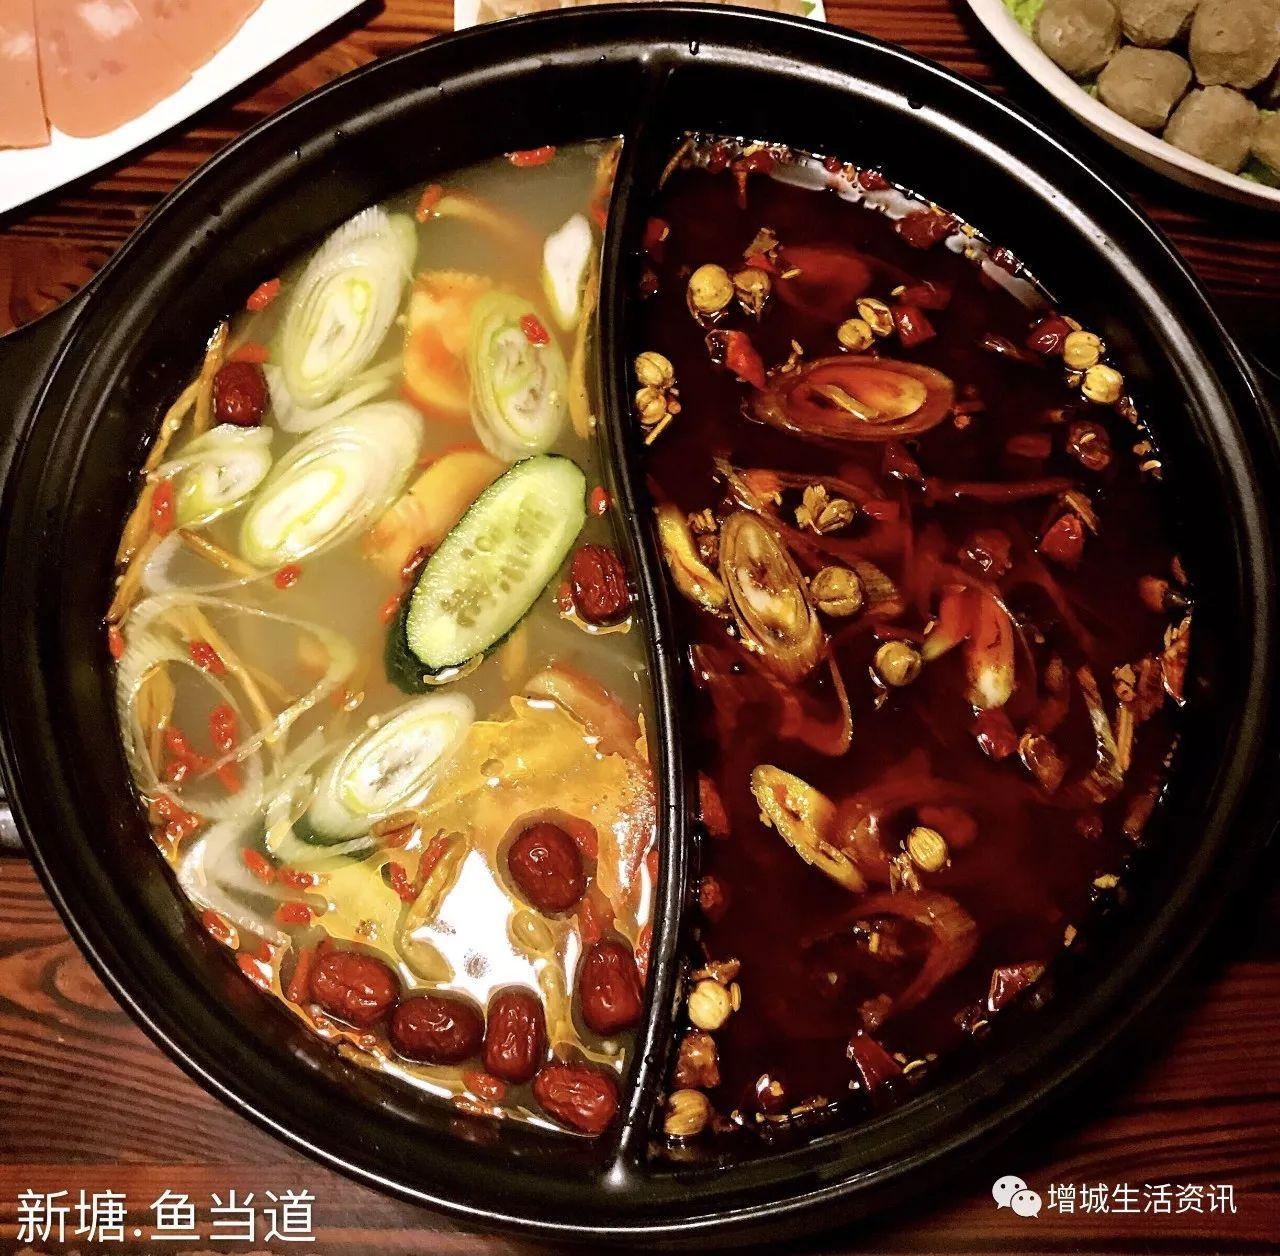 新塘工业风音乐餐厅石锅鱼 烤鱼 重庆火锅沸腾了整个吃货界 含四大福利